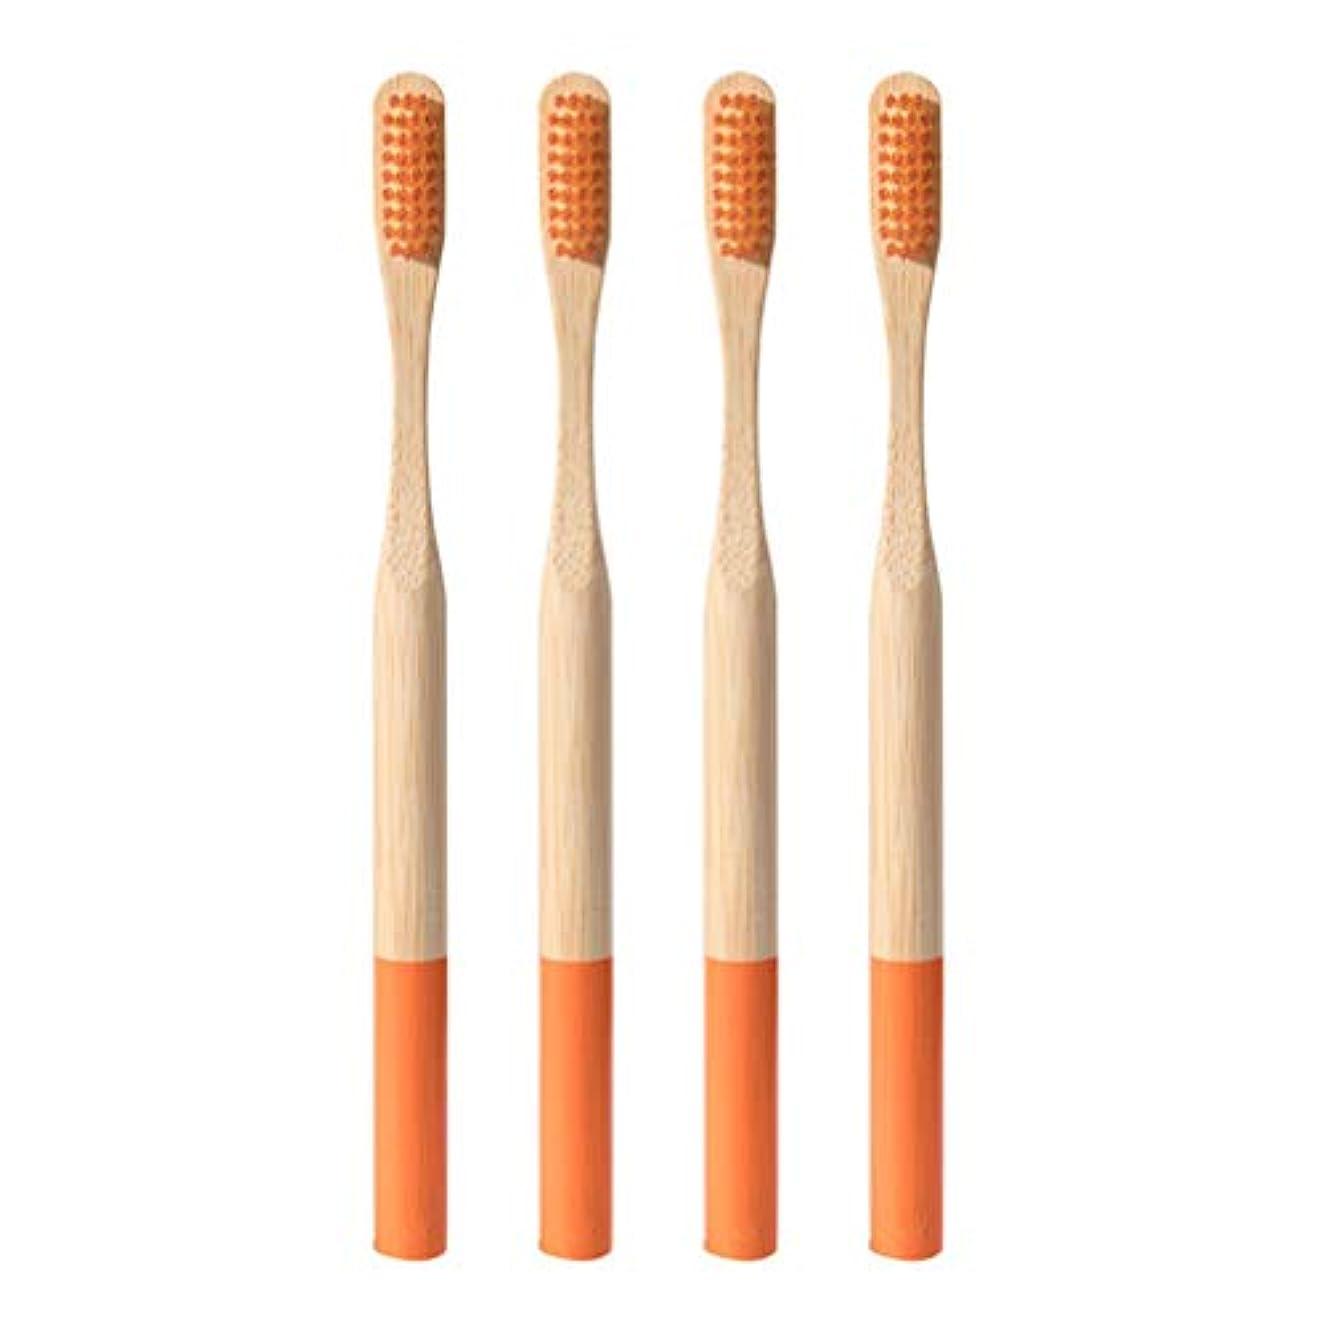 航海マリン贈り物Heallily 竹歯ブラシ4ピースソフトブリスル歯ブラシ生分解性、環境に優しいソフト歯ブラシ、大人用の細い毛を備えた抗菌歯ブラシ(オレンジ)